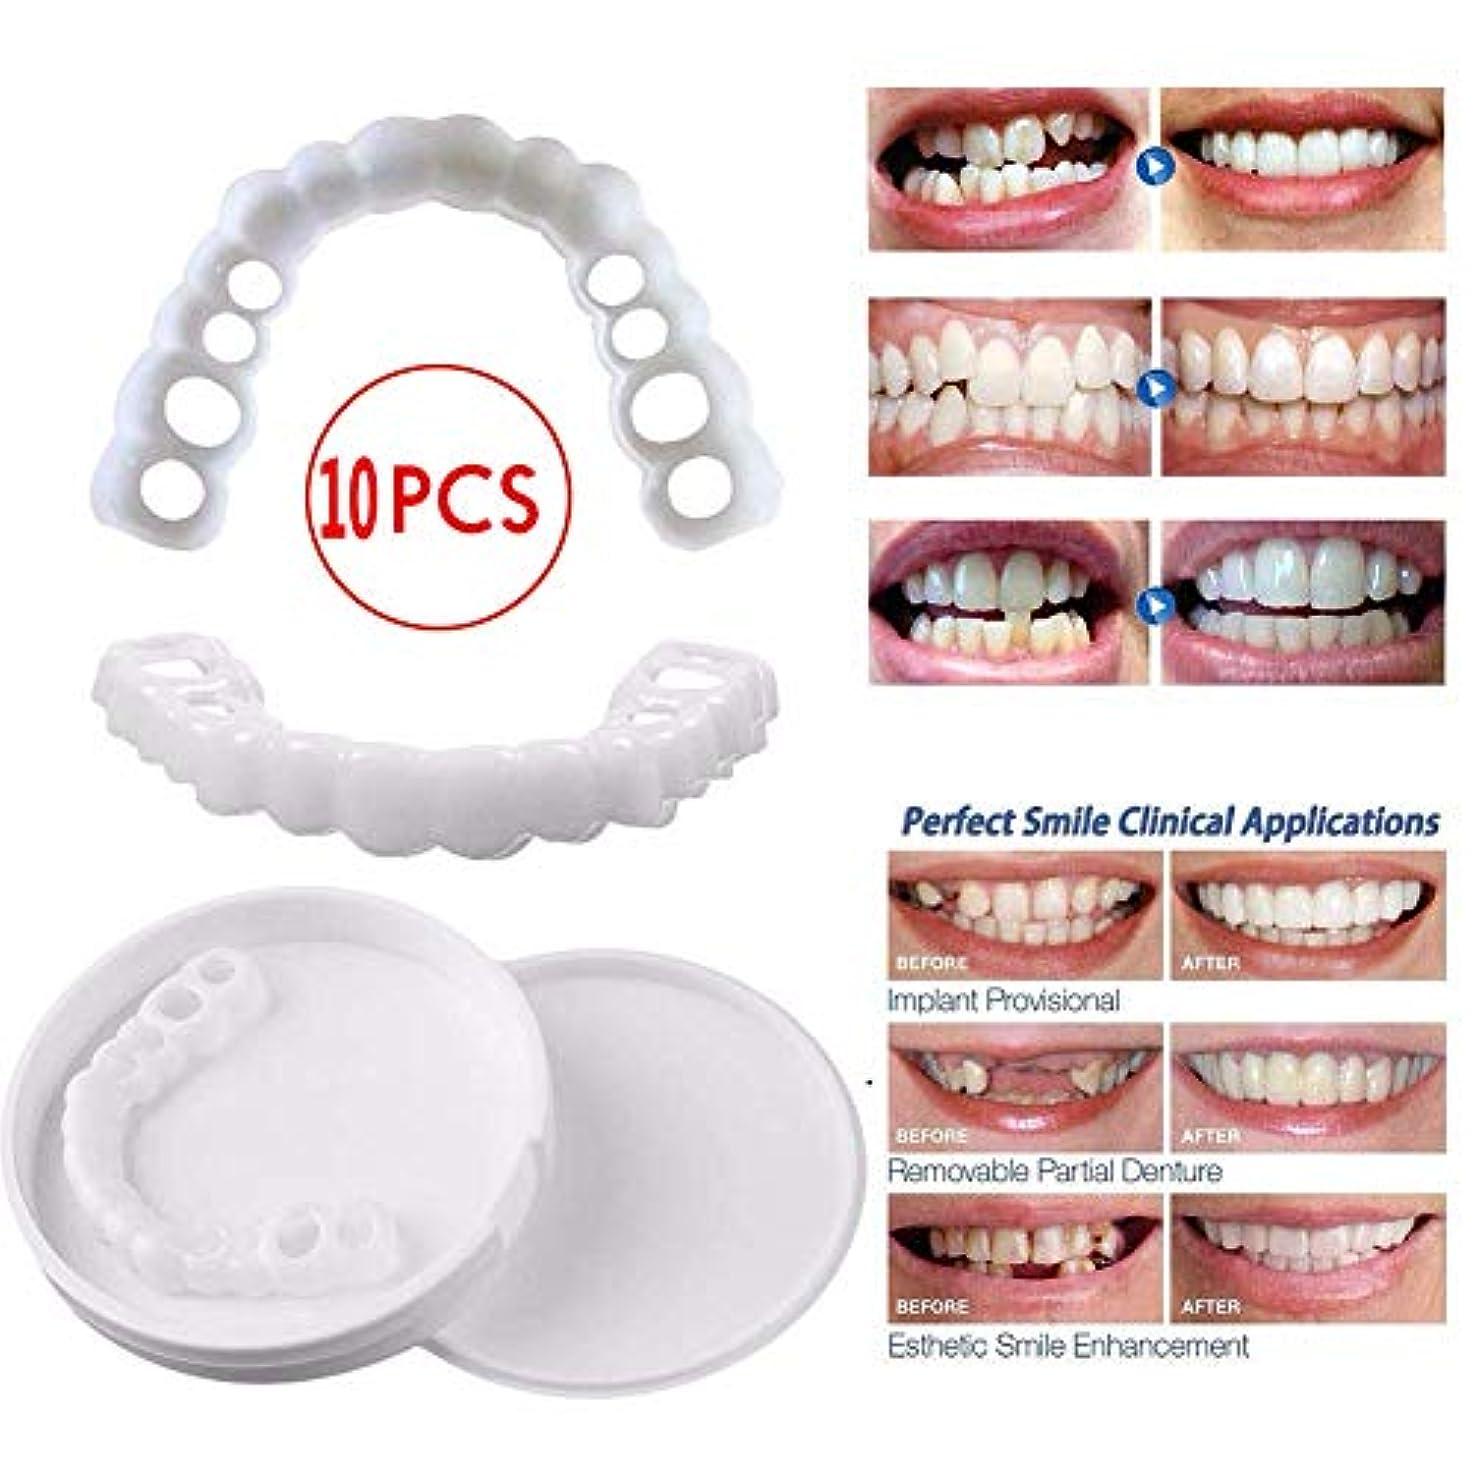 居間防腐剤服10個の一時的な歯のホワイトニング、歯の一時的な化粧品の歯の義歯歯の化粧品の収納ボックス付き偽の歯カバー,10pcsupperteeth